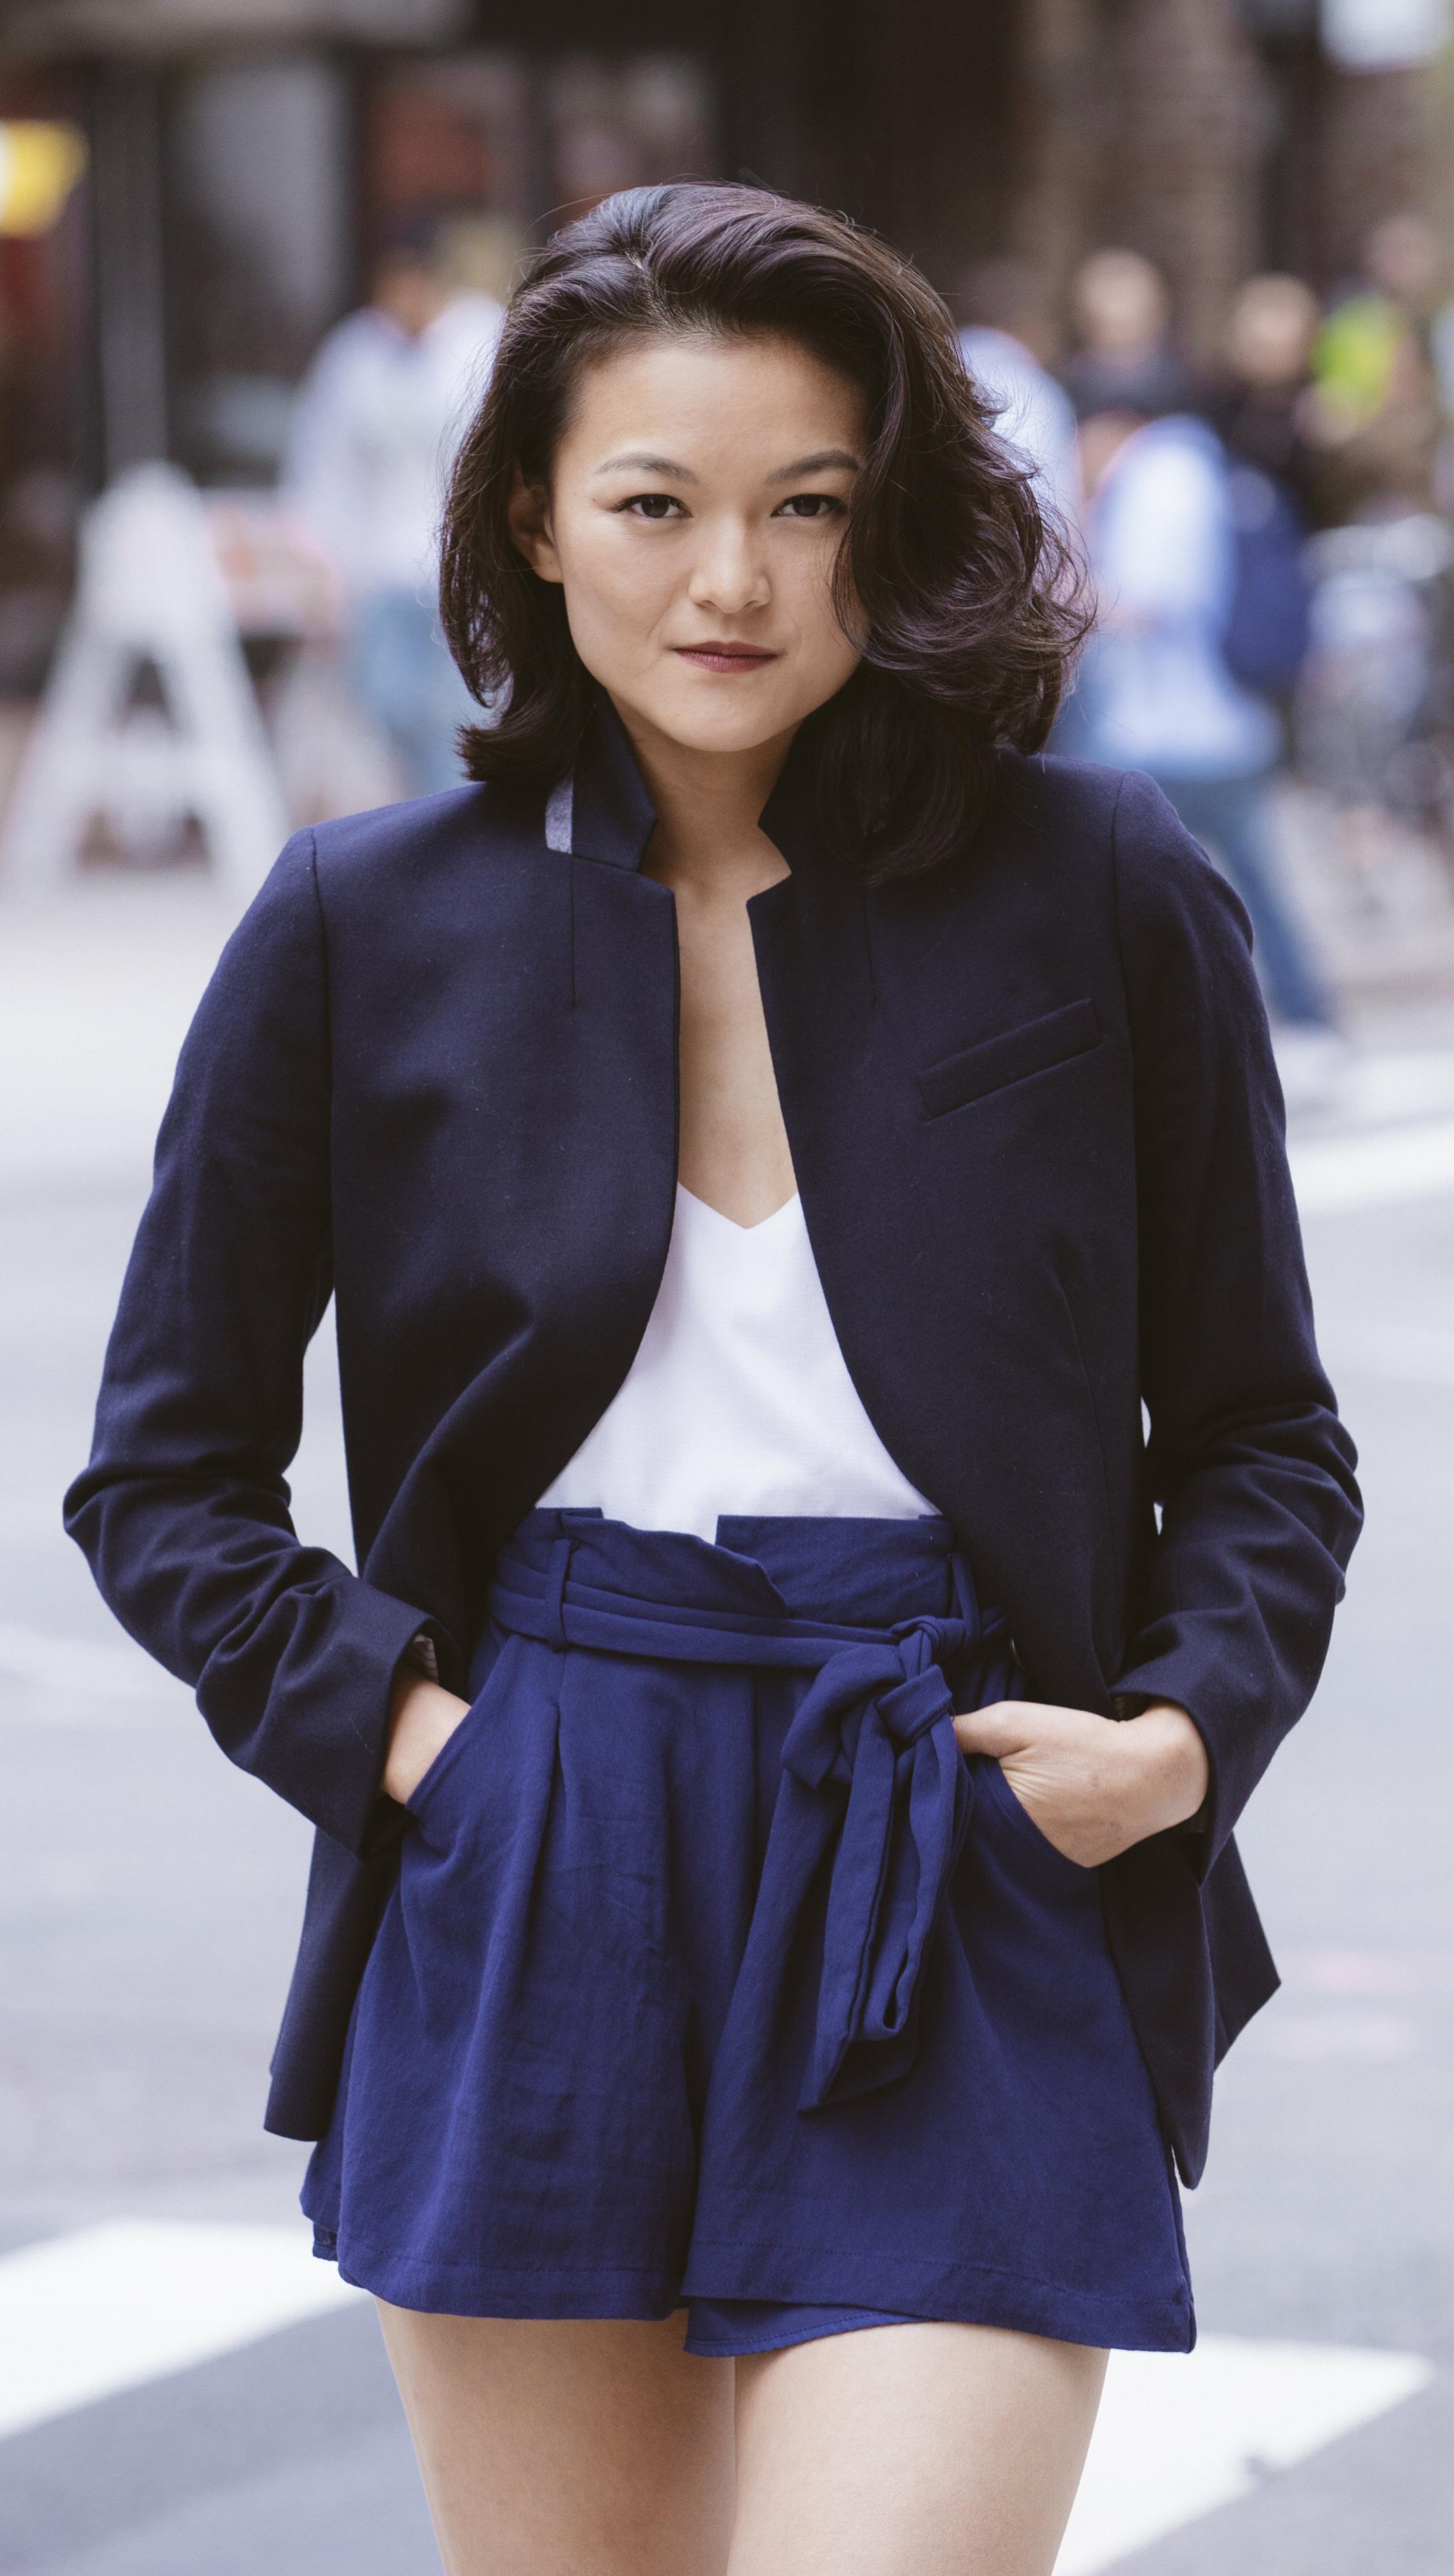 Tina WongLu IMDb